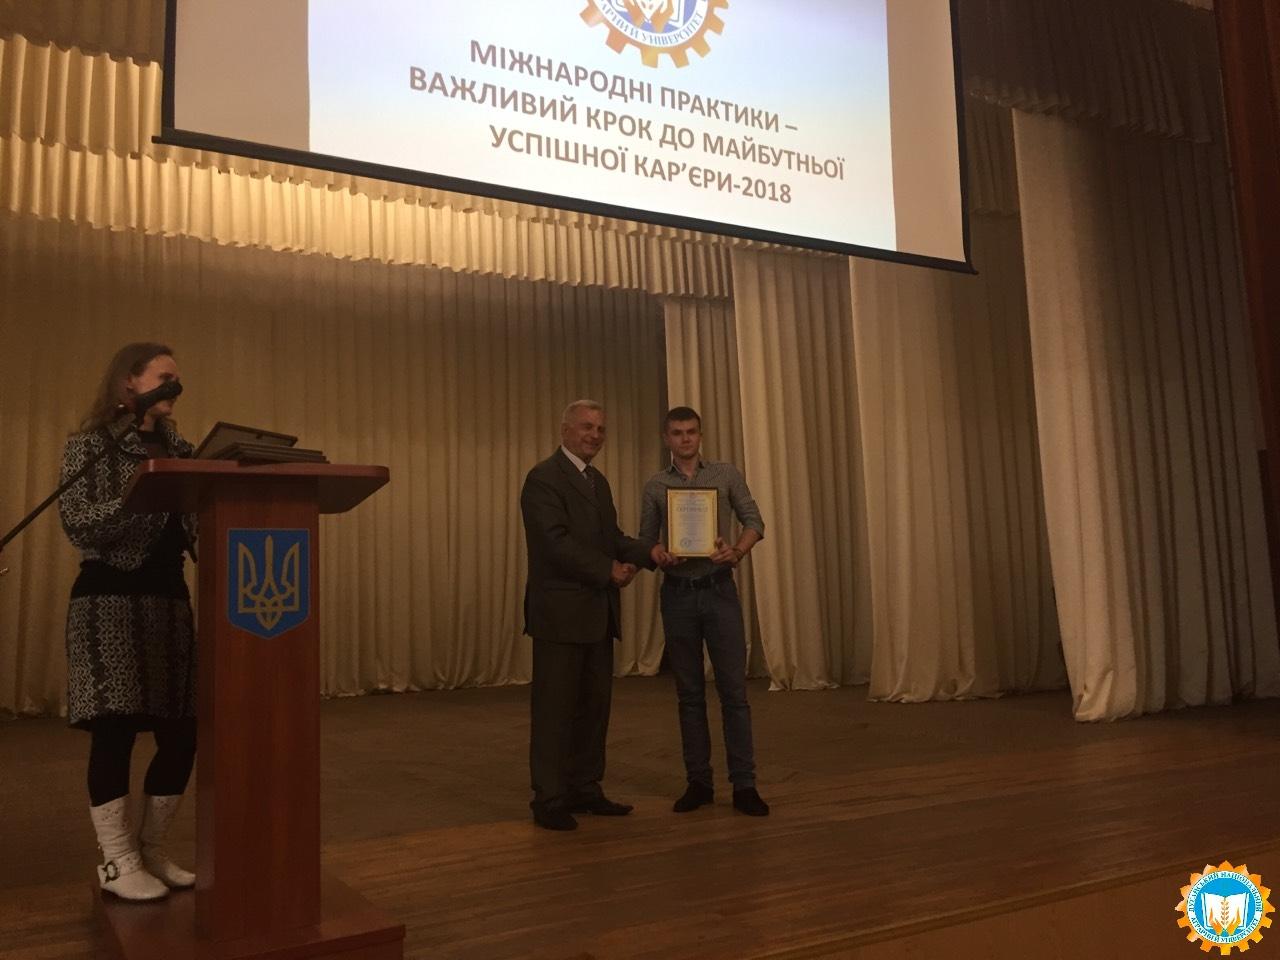 Mizhnarodni_praktyky-2018_14